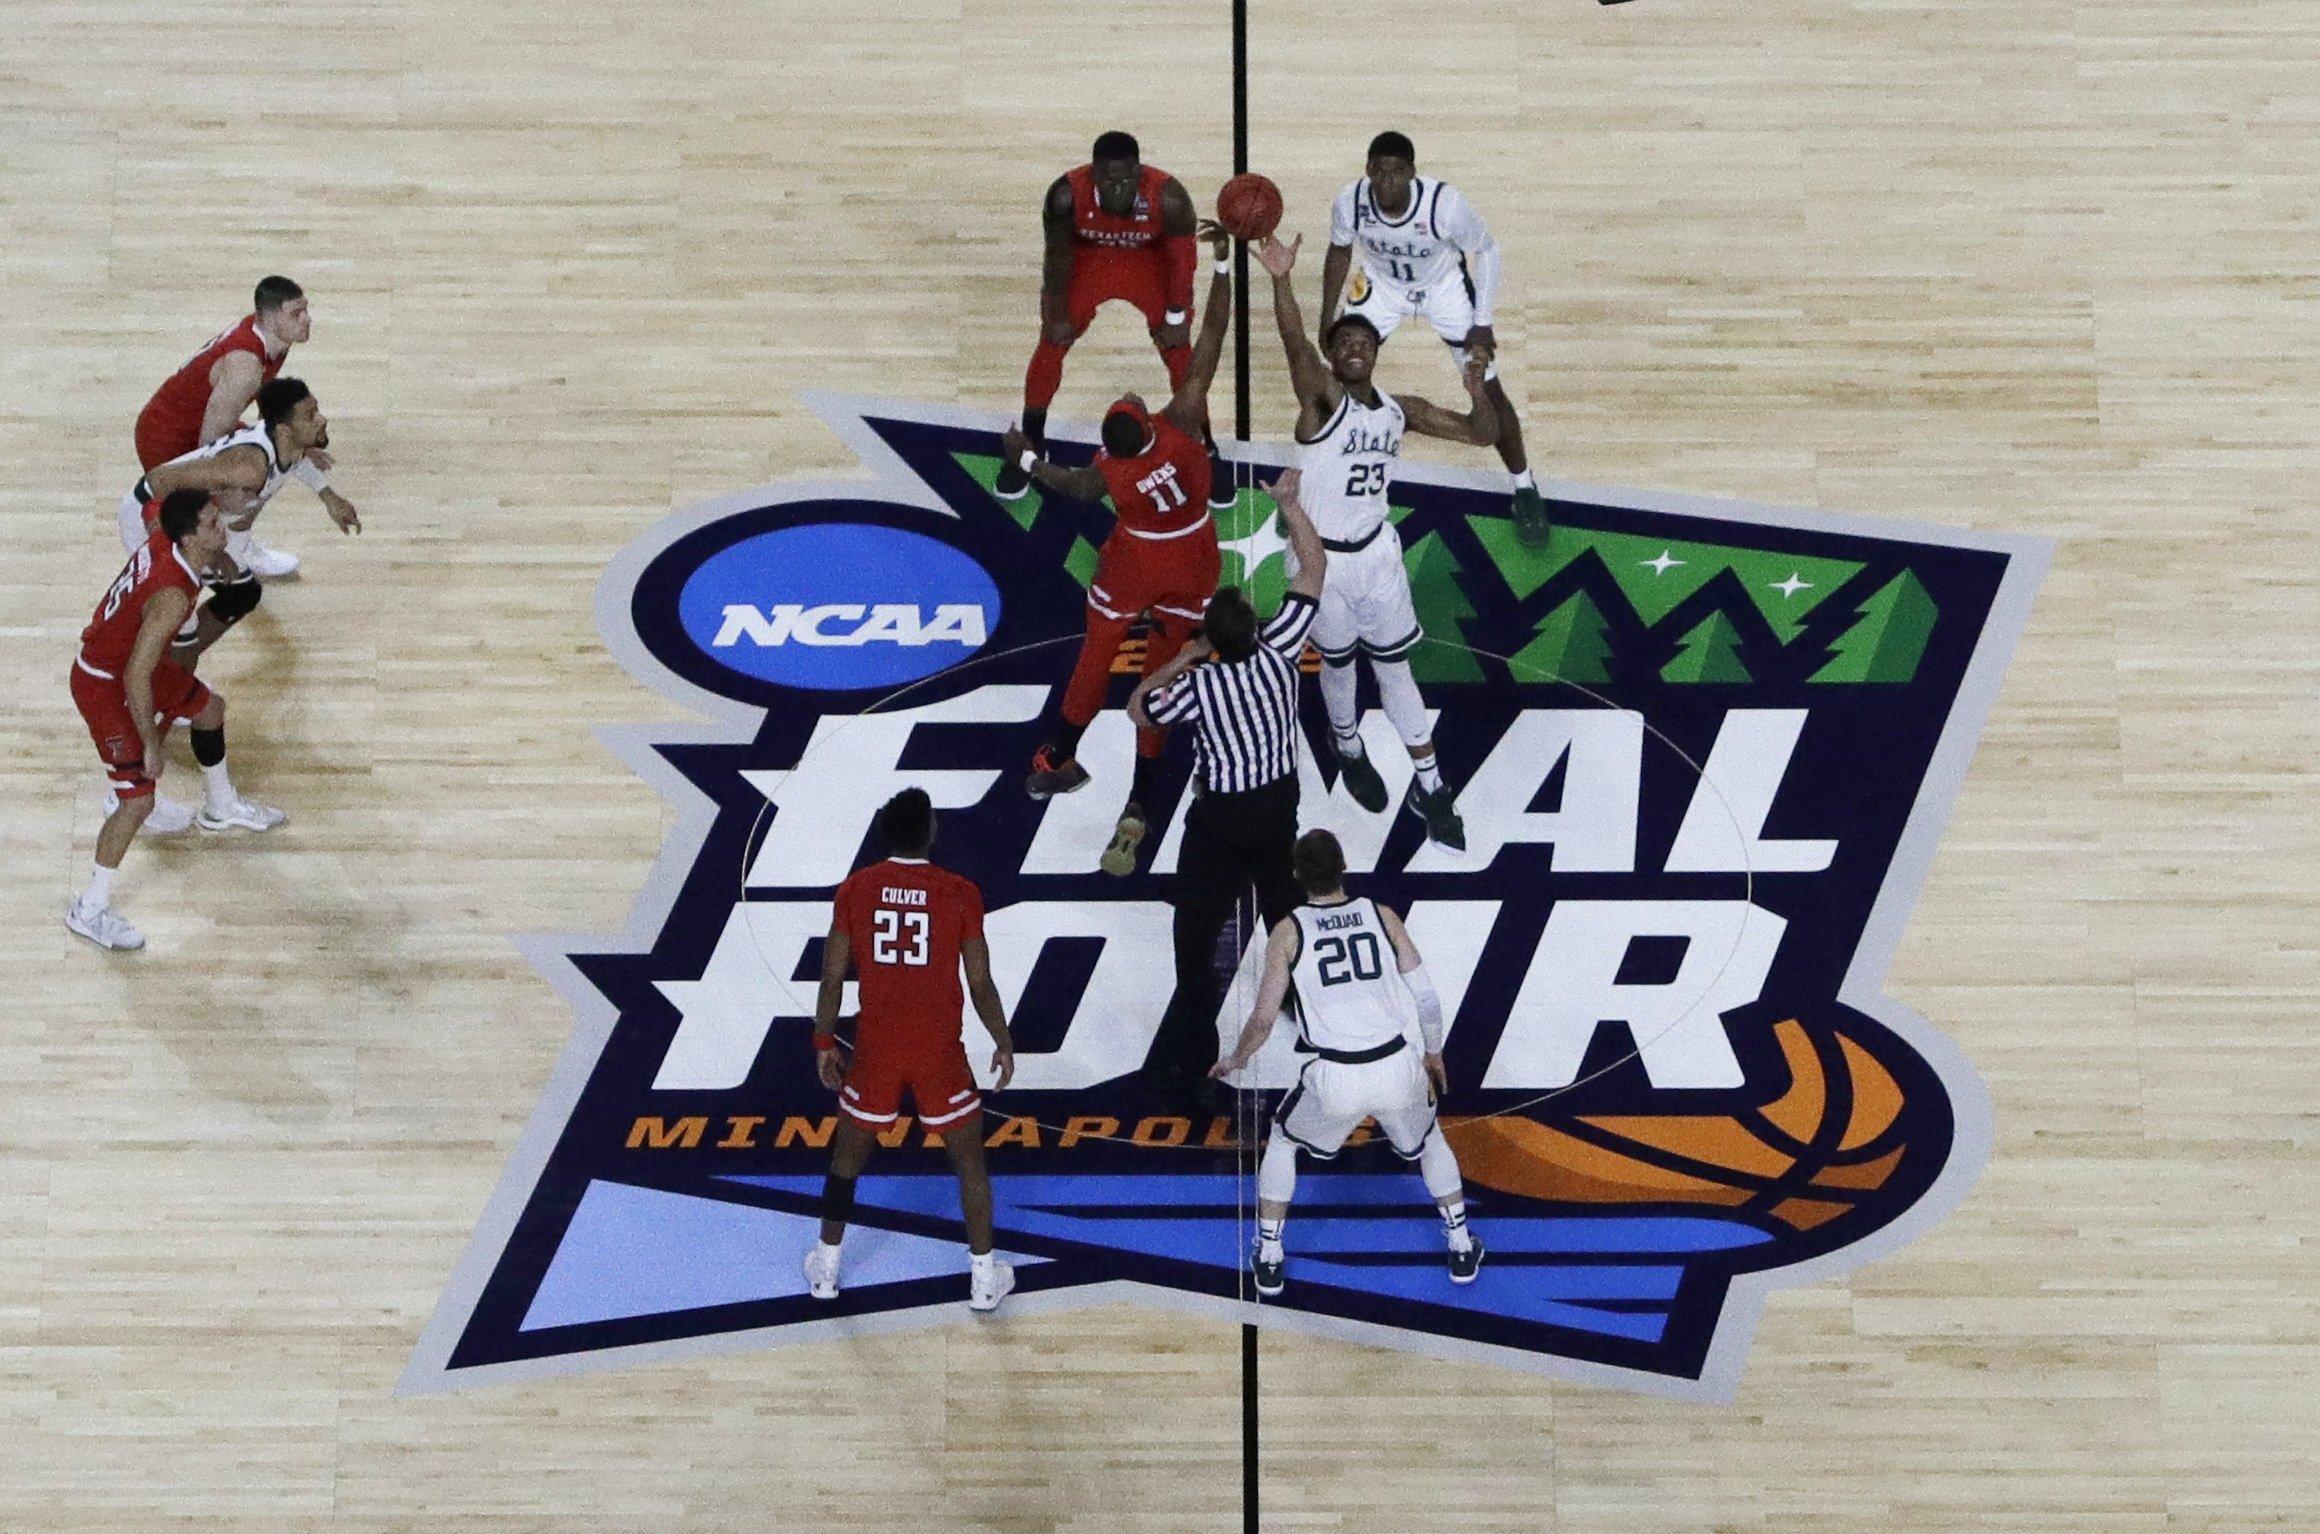 NCAA Latest: Texas Tech-MSU under way as Virginia waits